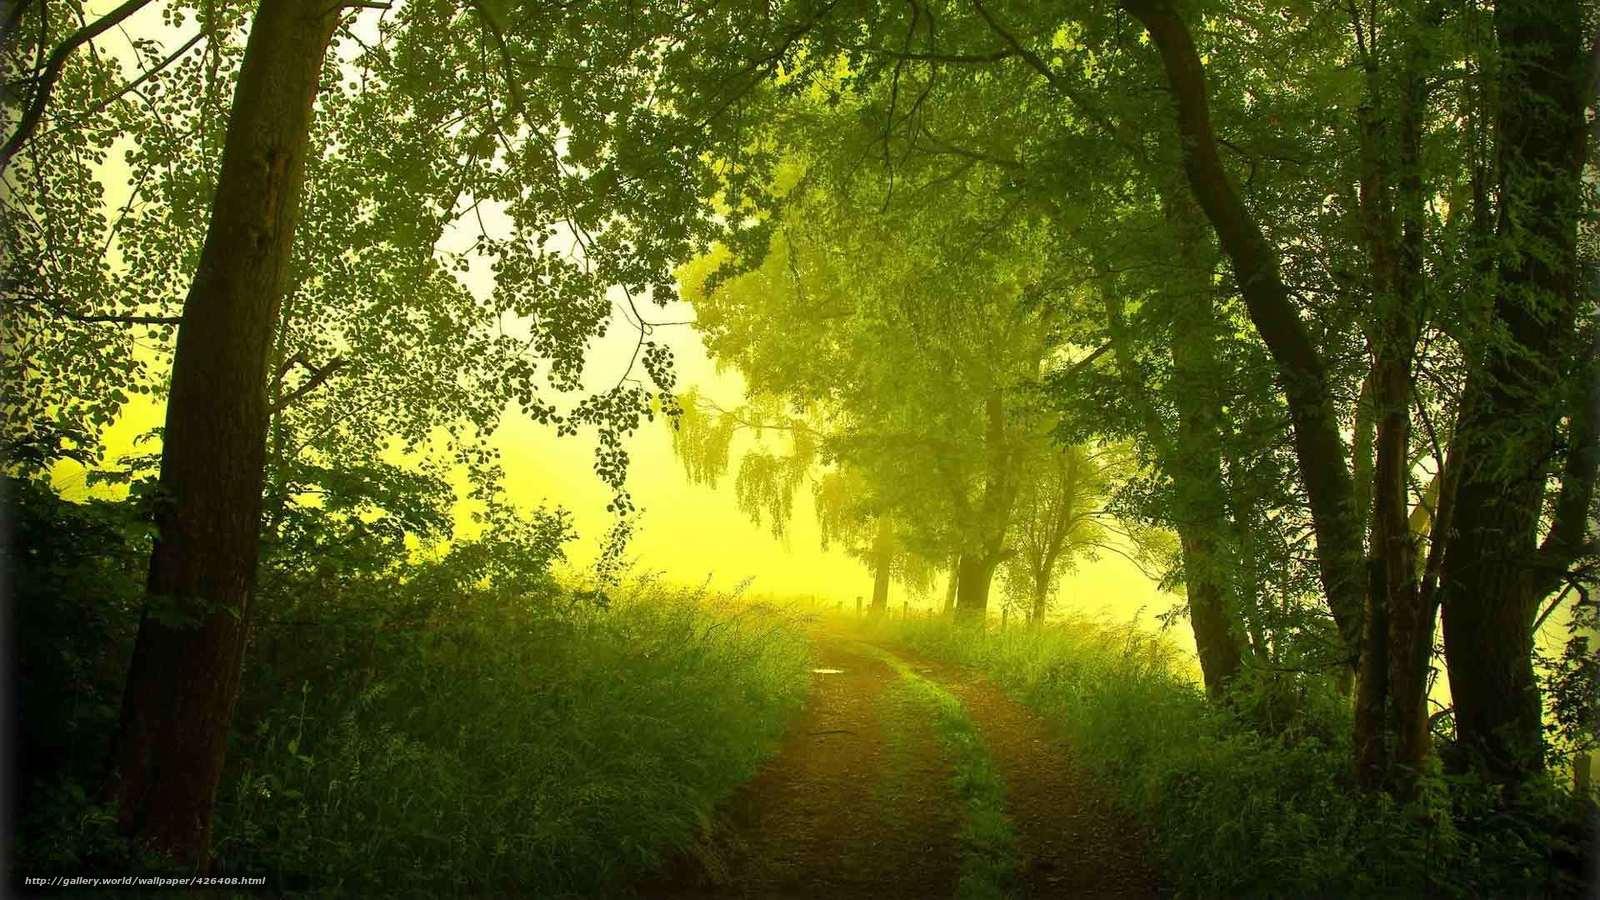 Descargar gratis verano maana niebla bosque fondos de escritorio en la resolucin 1920x1080 - Fondos de escritorio verano ...